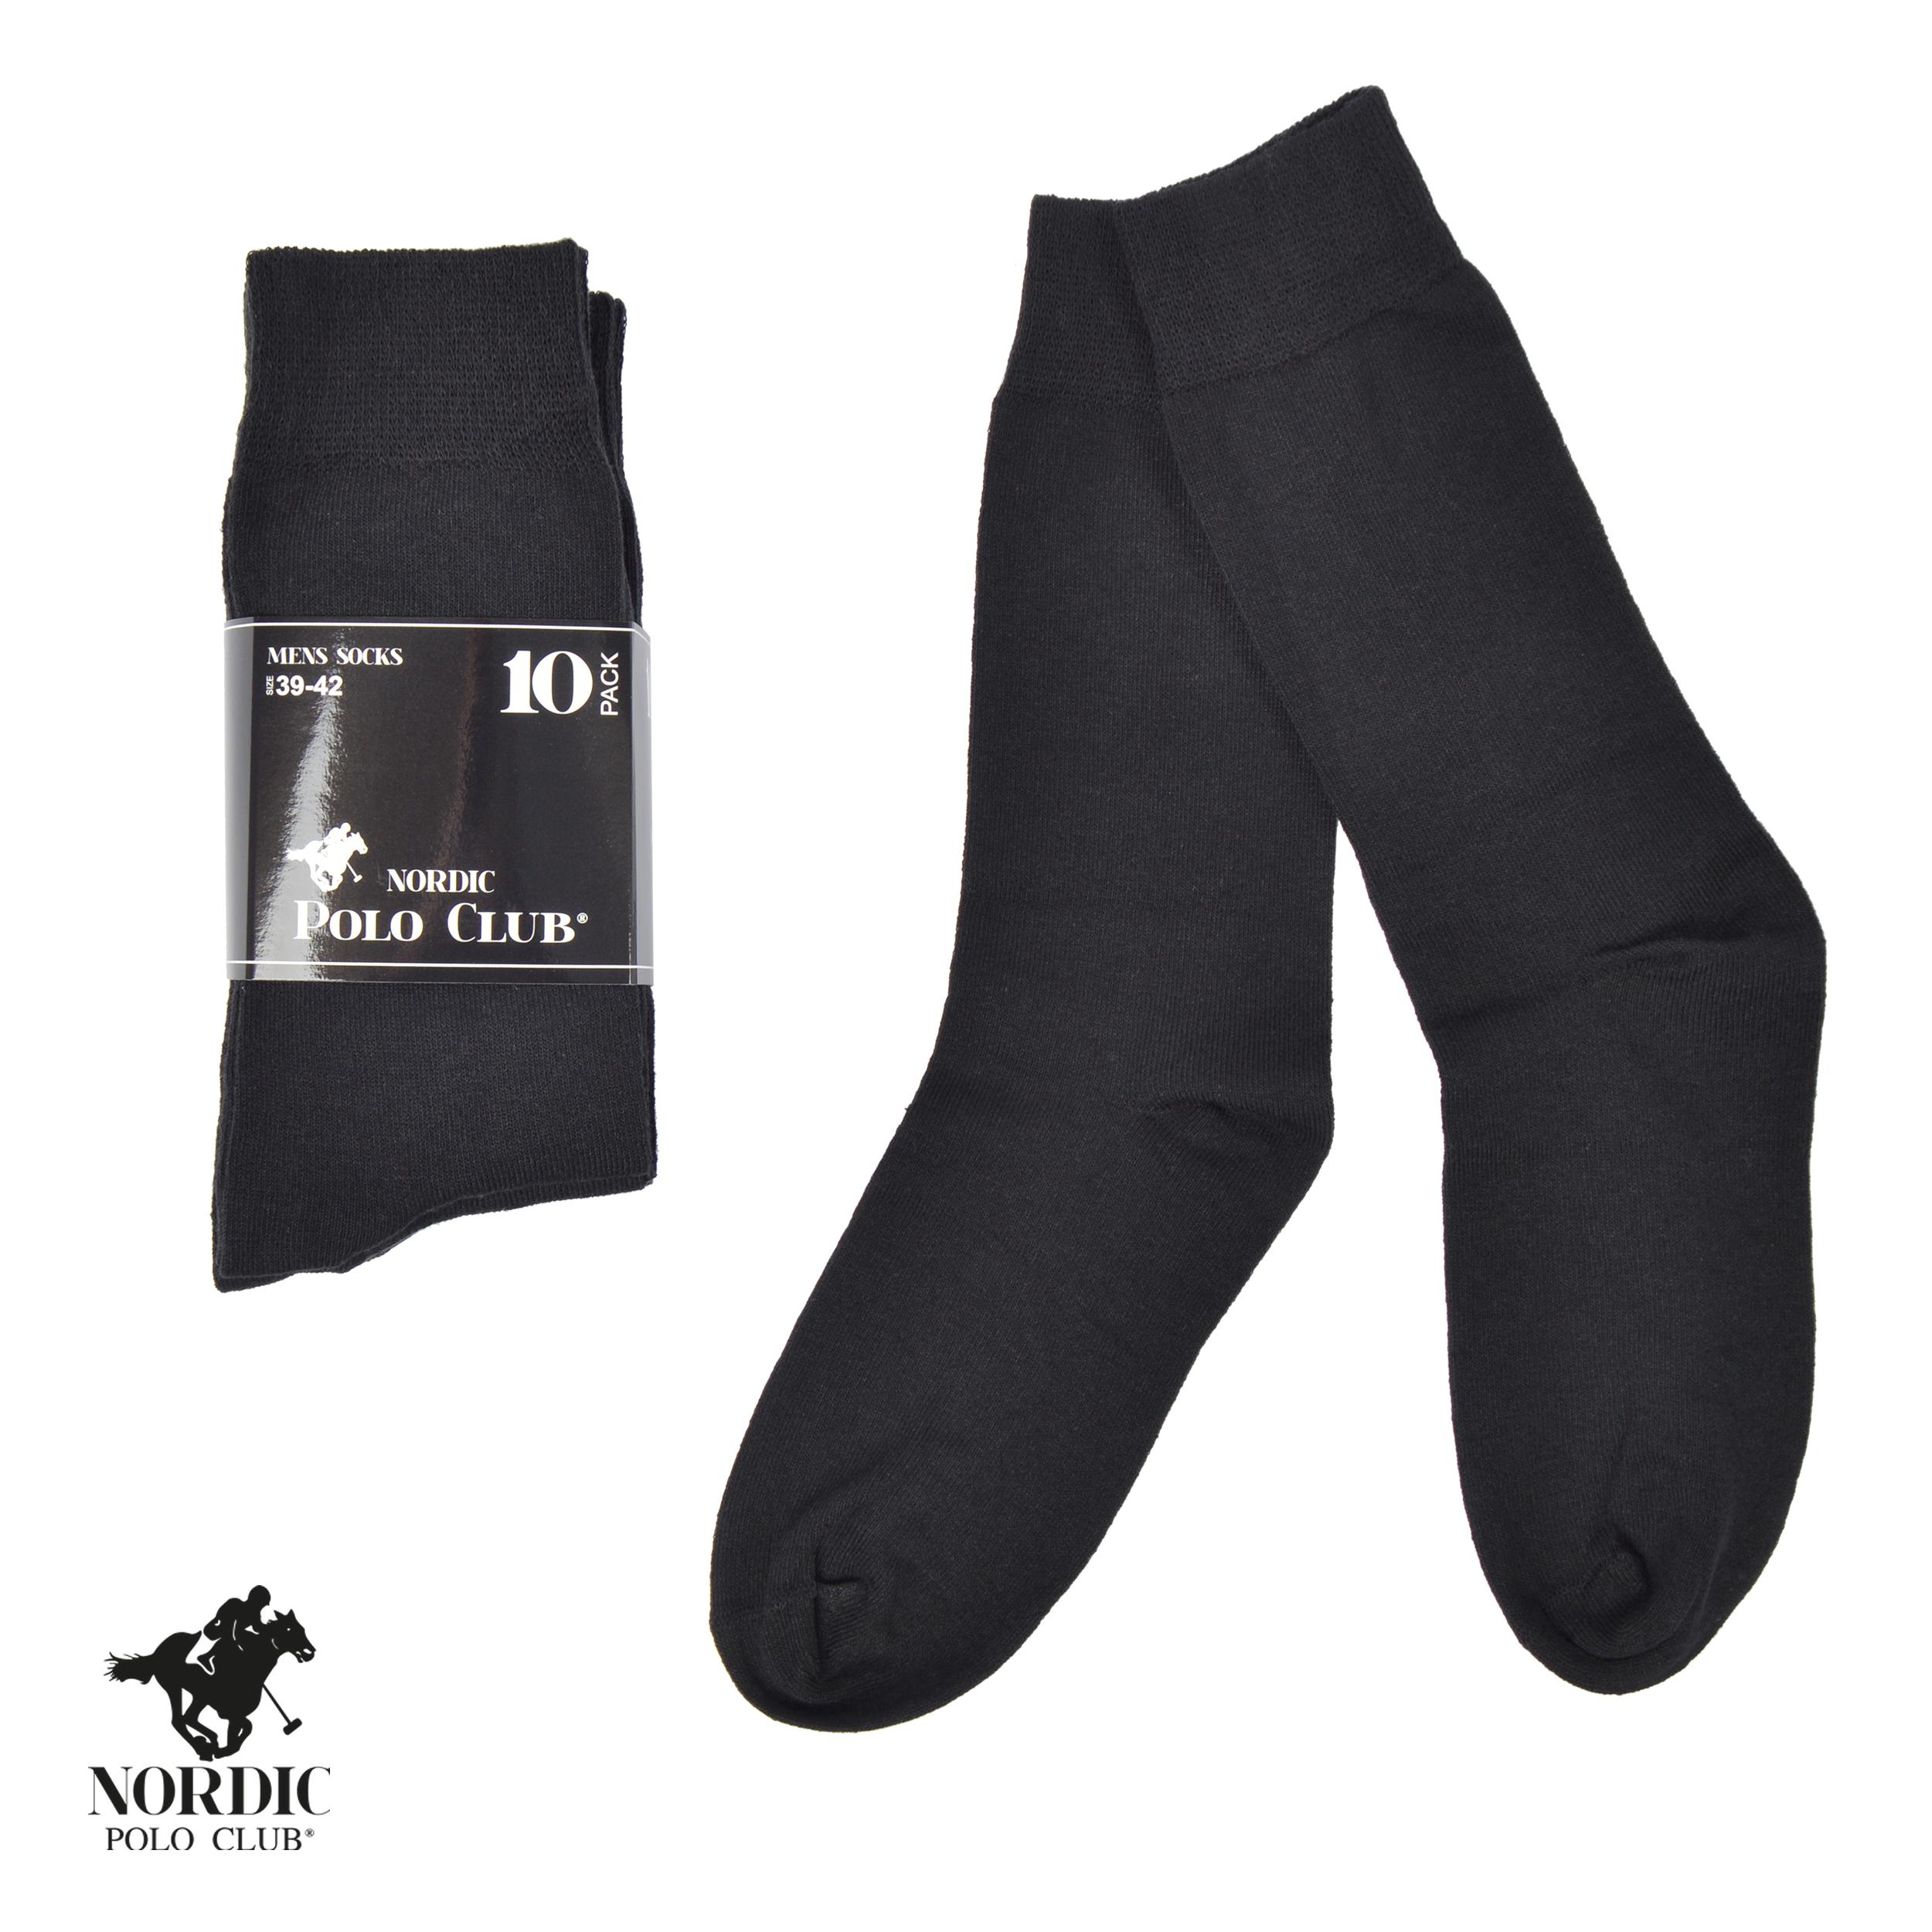 10er Pack Socken, schwarz - 39-42